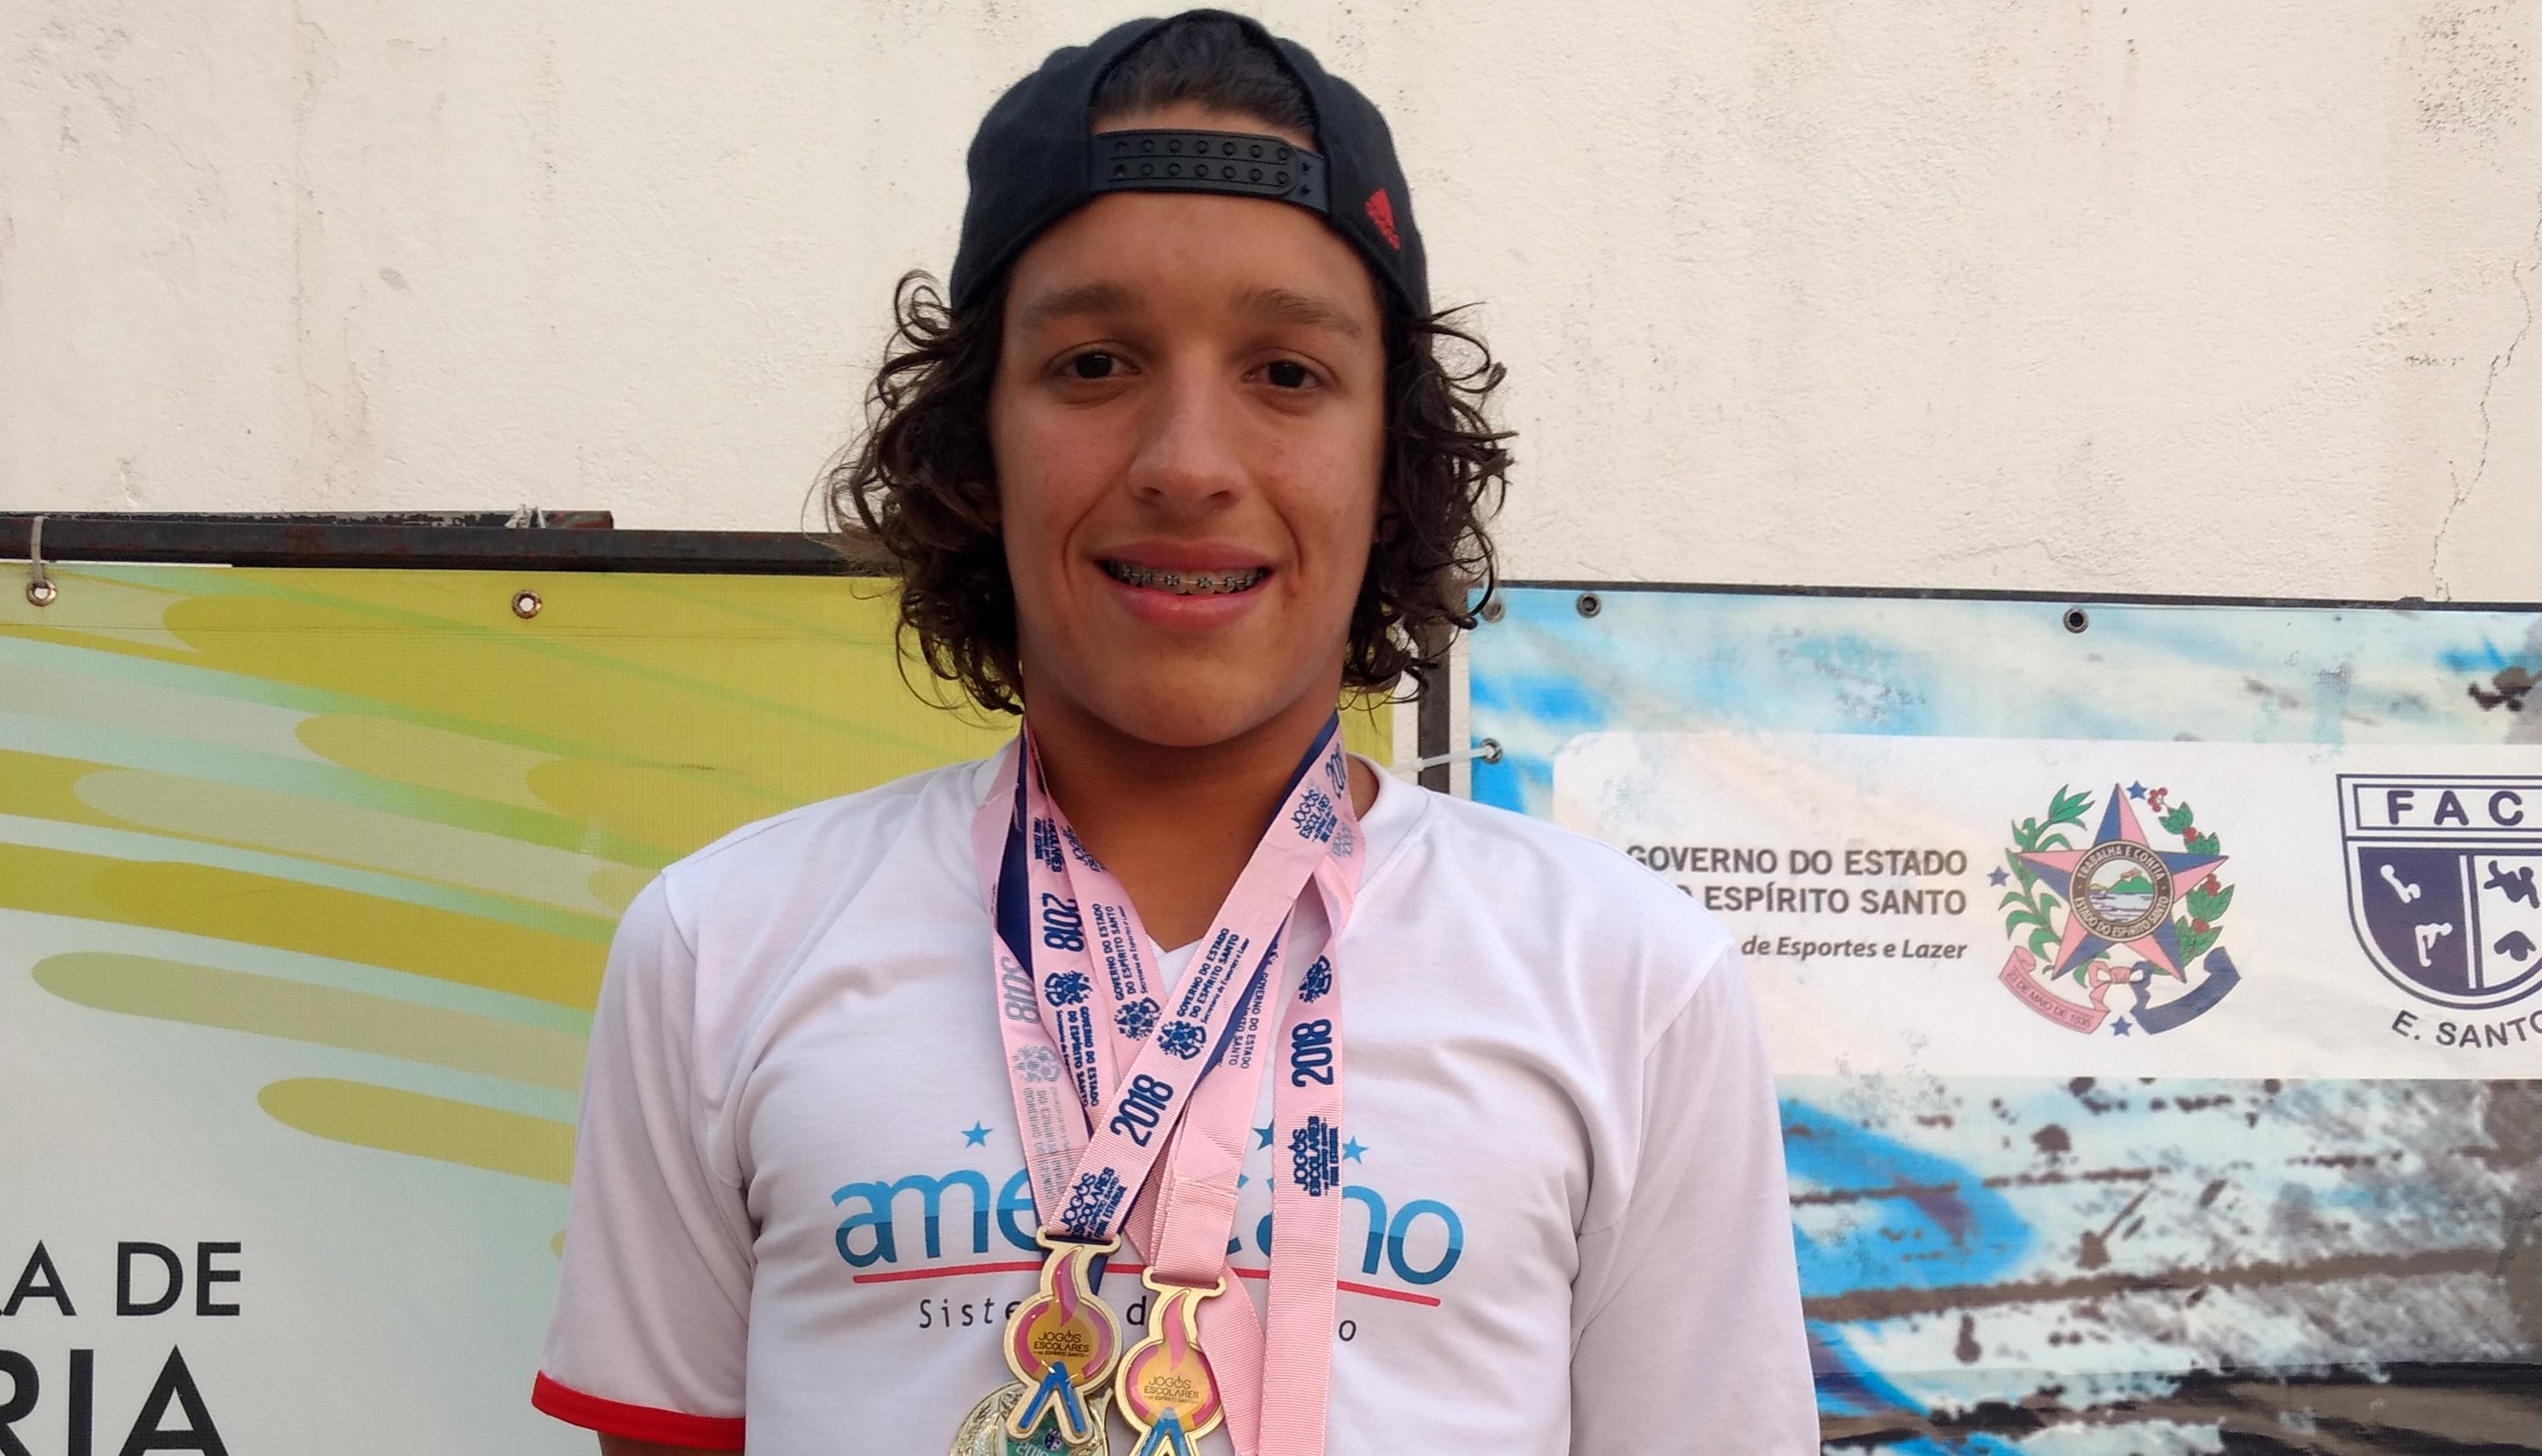 Aluno de Vila Velha conquista provas da Seletiva Esportiva de Natação no ES